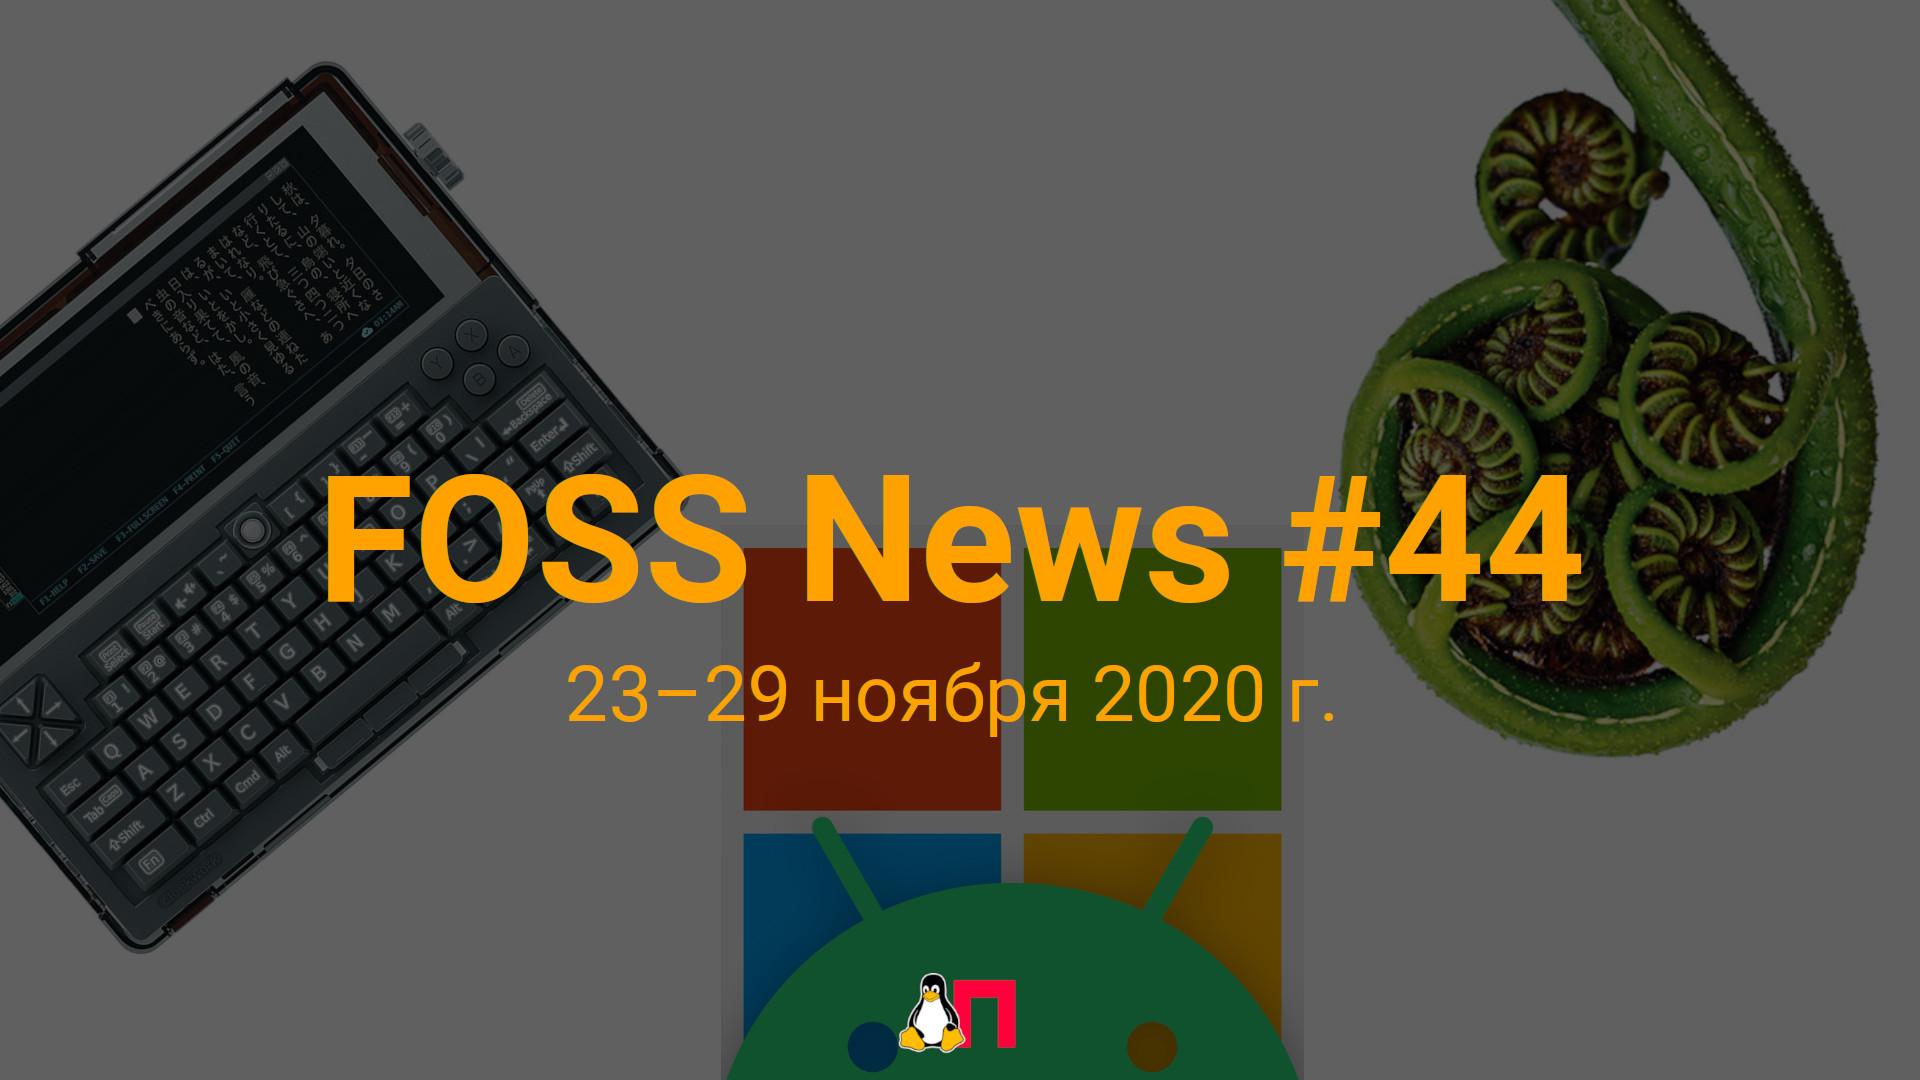 FOSS News 44  дайджест новостей и других материалов о свободном и открытом ПО за 23-29 ноября 2020 года